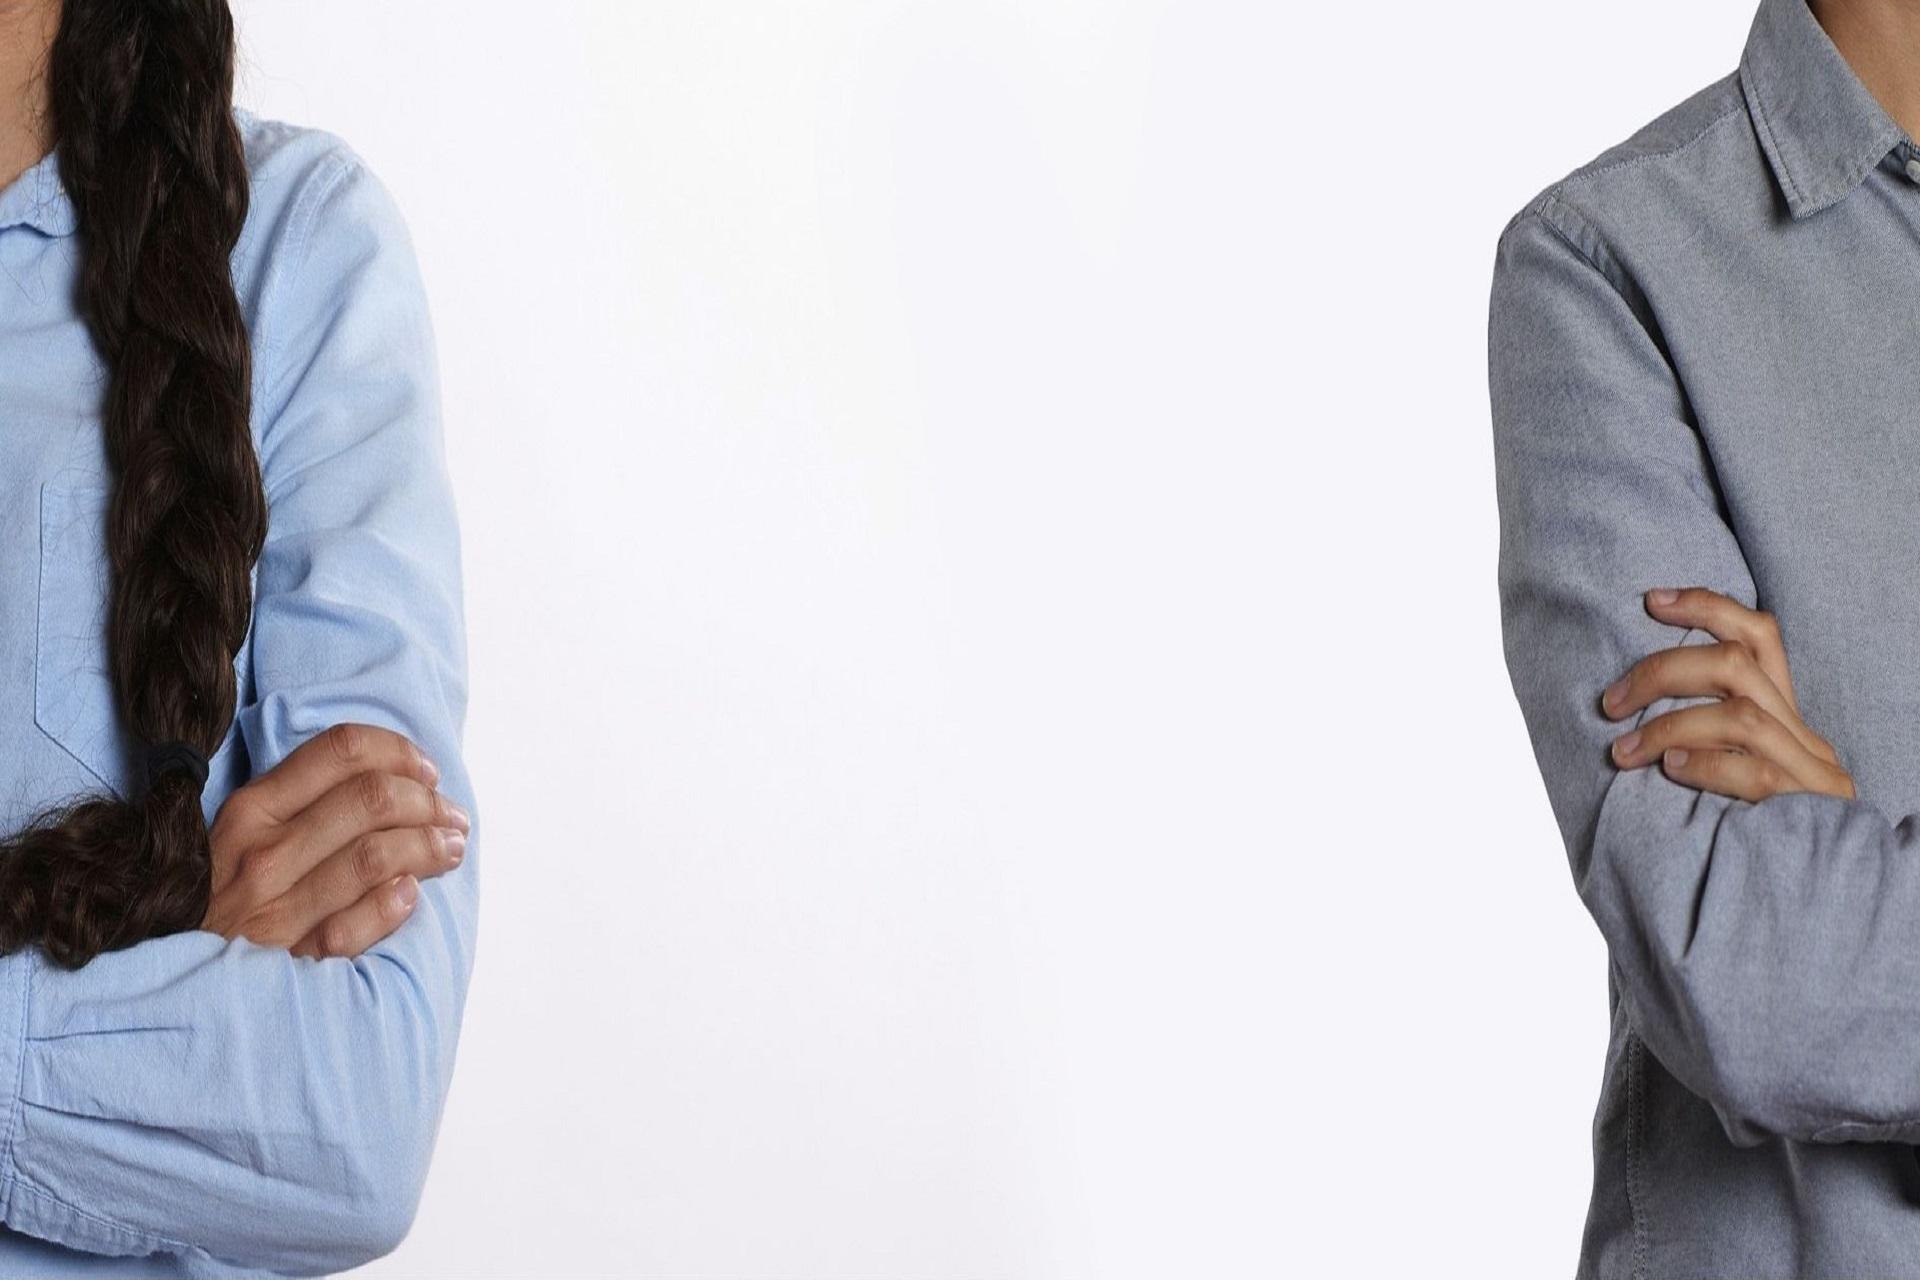 ¿Puedo llevar a mi hijo al psicólogo sin permiso de mi ex pareja?